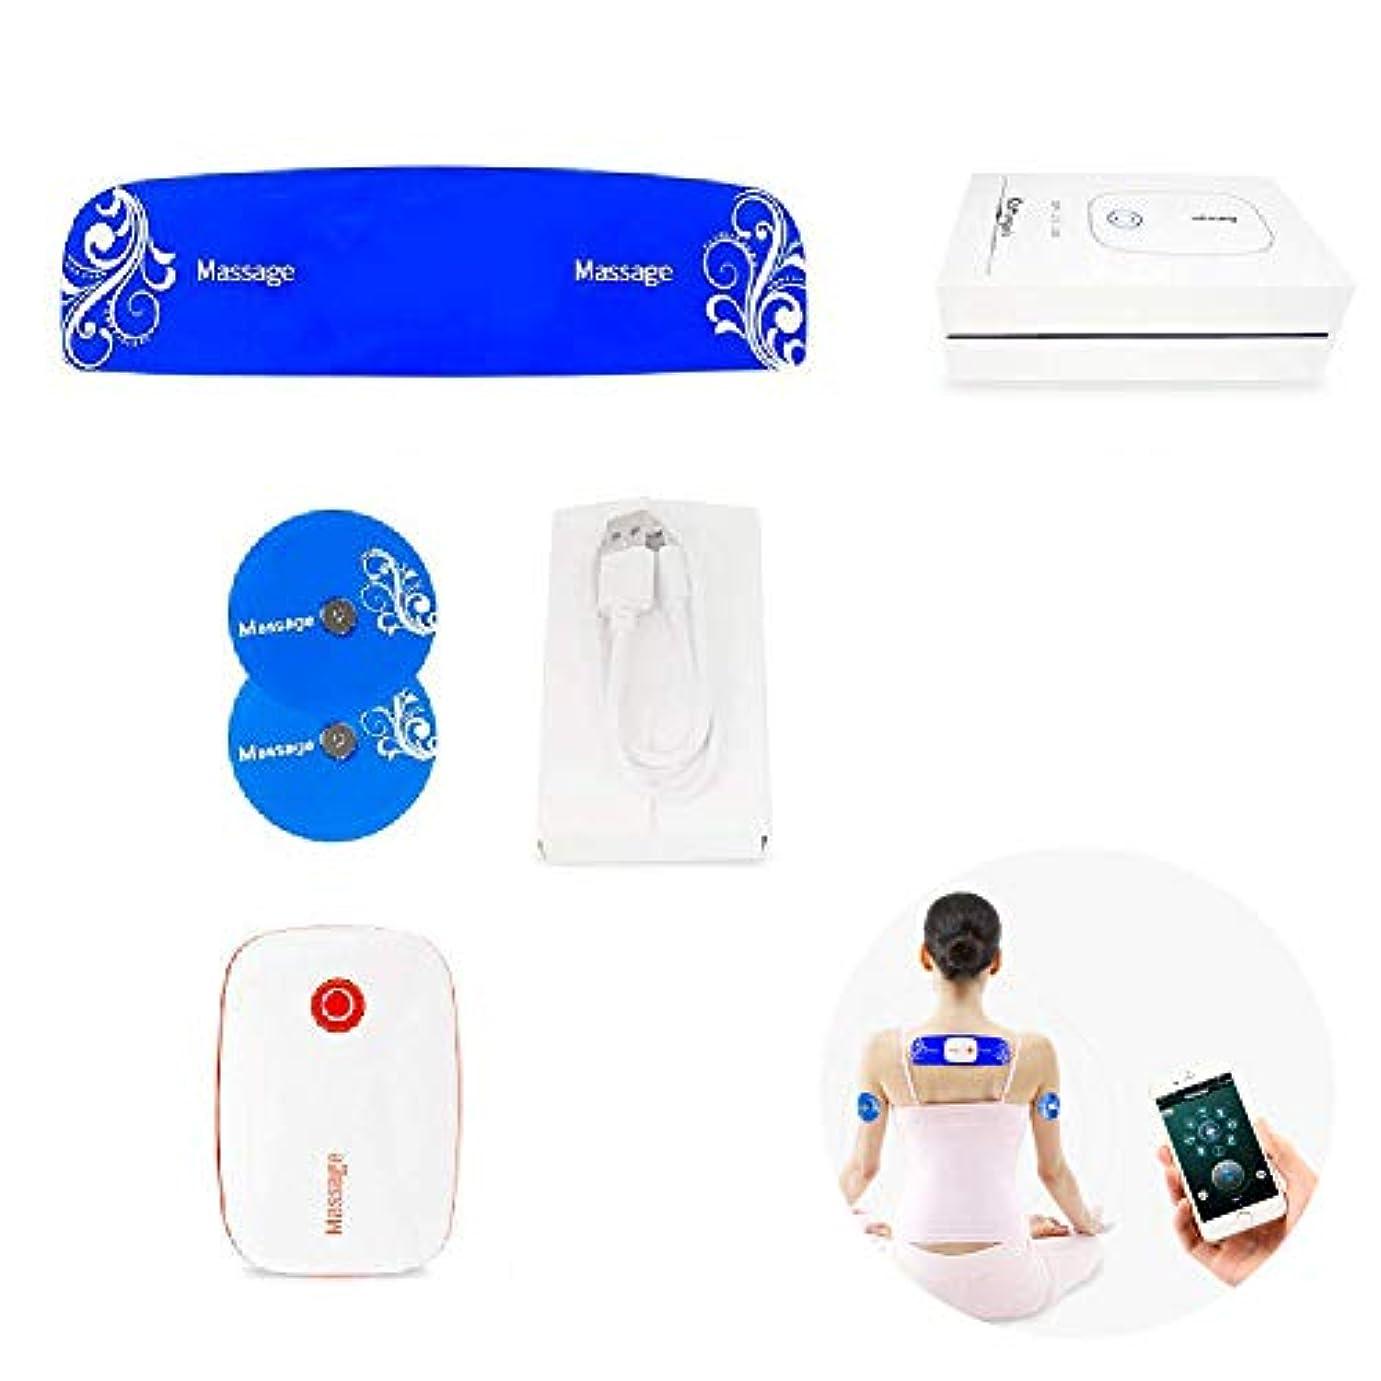 幻想的スーパーマーケット放散する首の肩のマッサージャー深い組織のための電動ポータブルAPP Bluetoothコントロール車のホームとオフィス、調整可能なスピード